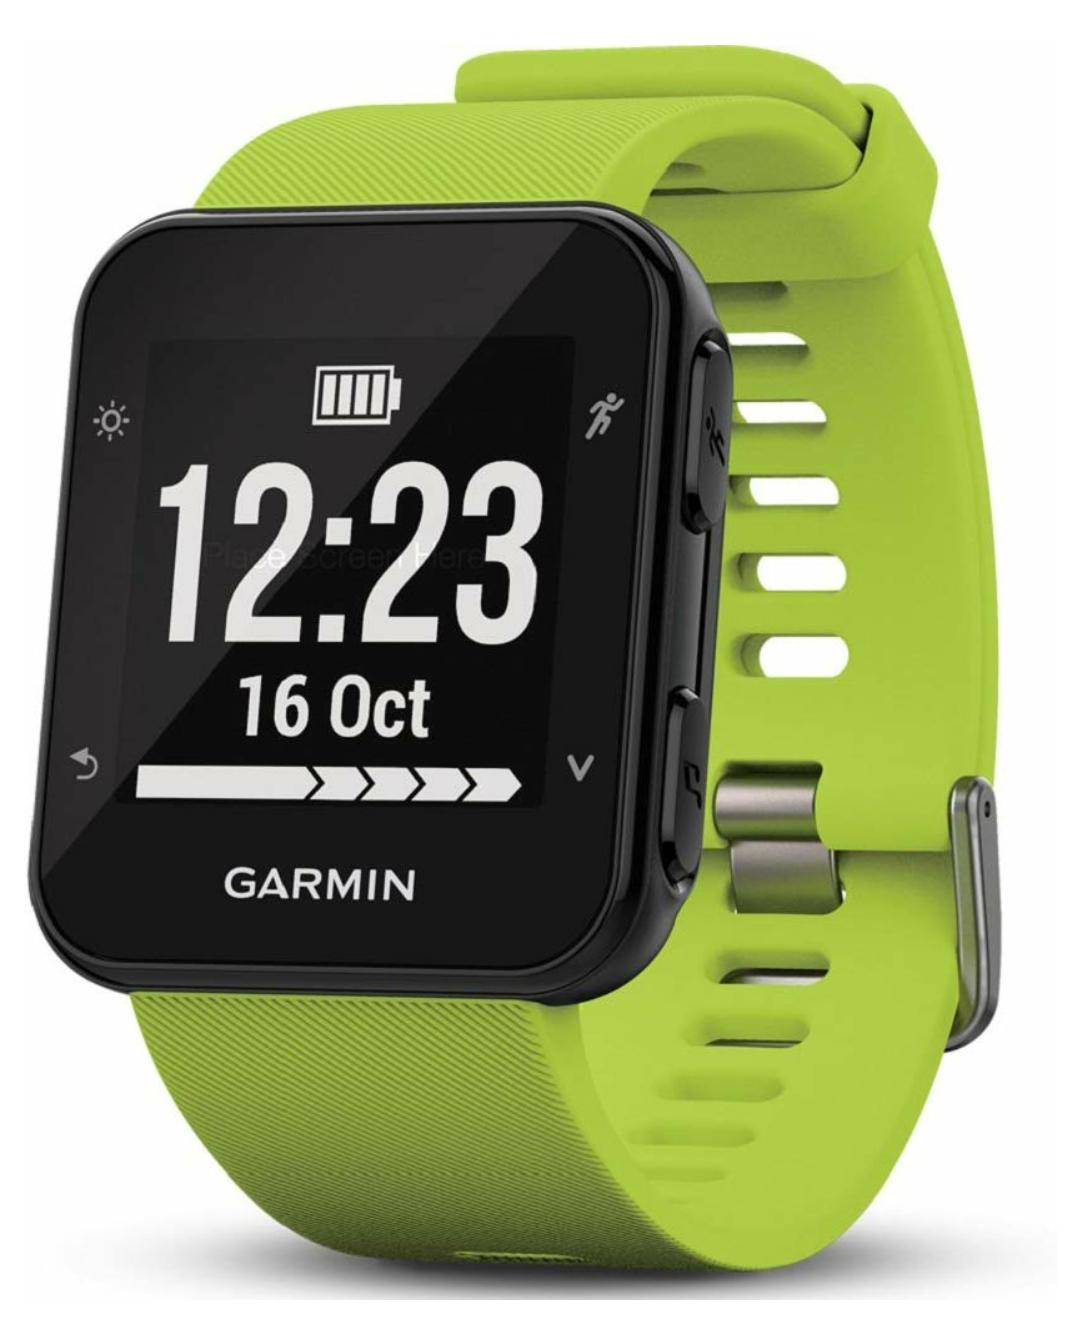 Garmin Forerunner 35 GPS-Laufuhr, Fitnesstracker, Herzfrequenzmessung, Smart Watch, in grün oder weiß